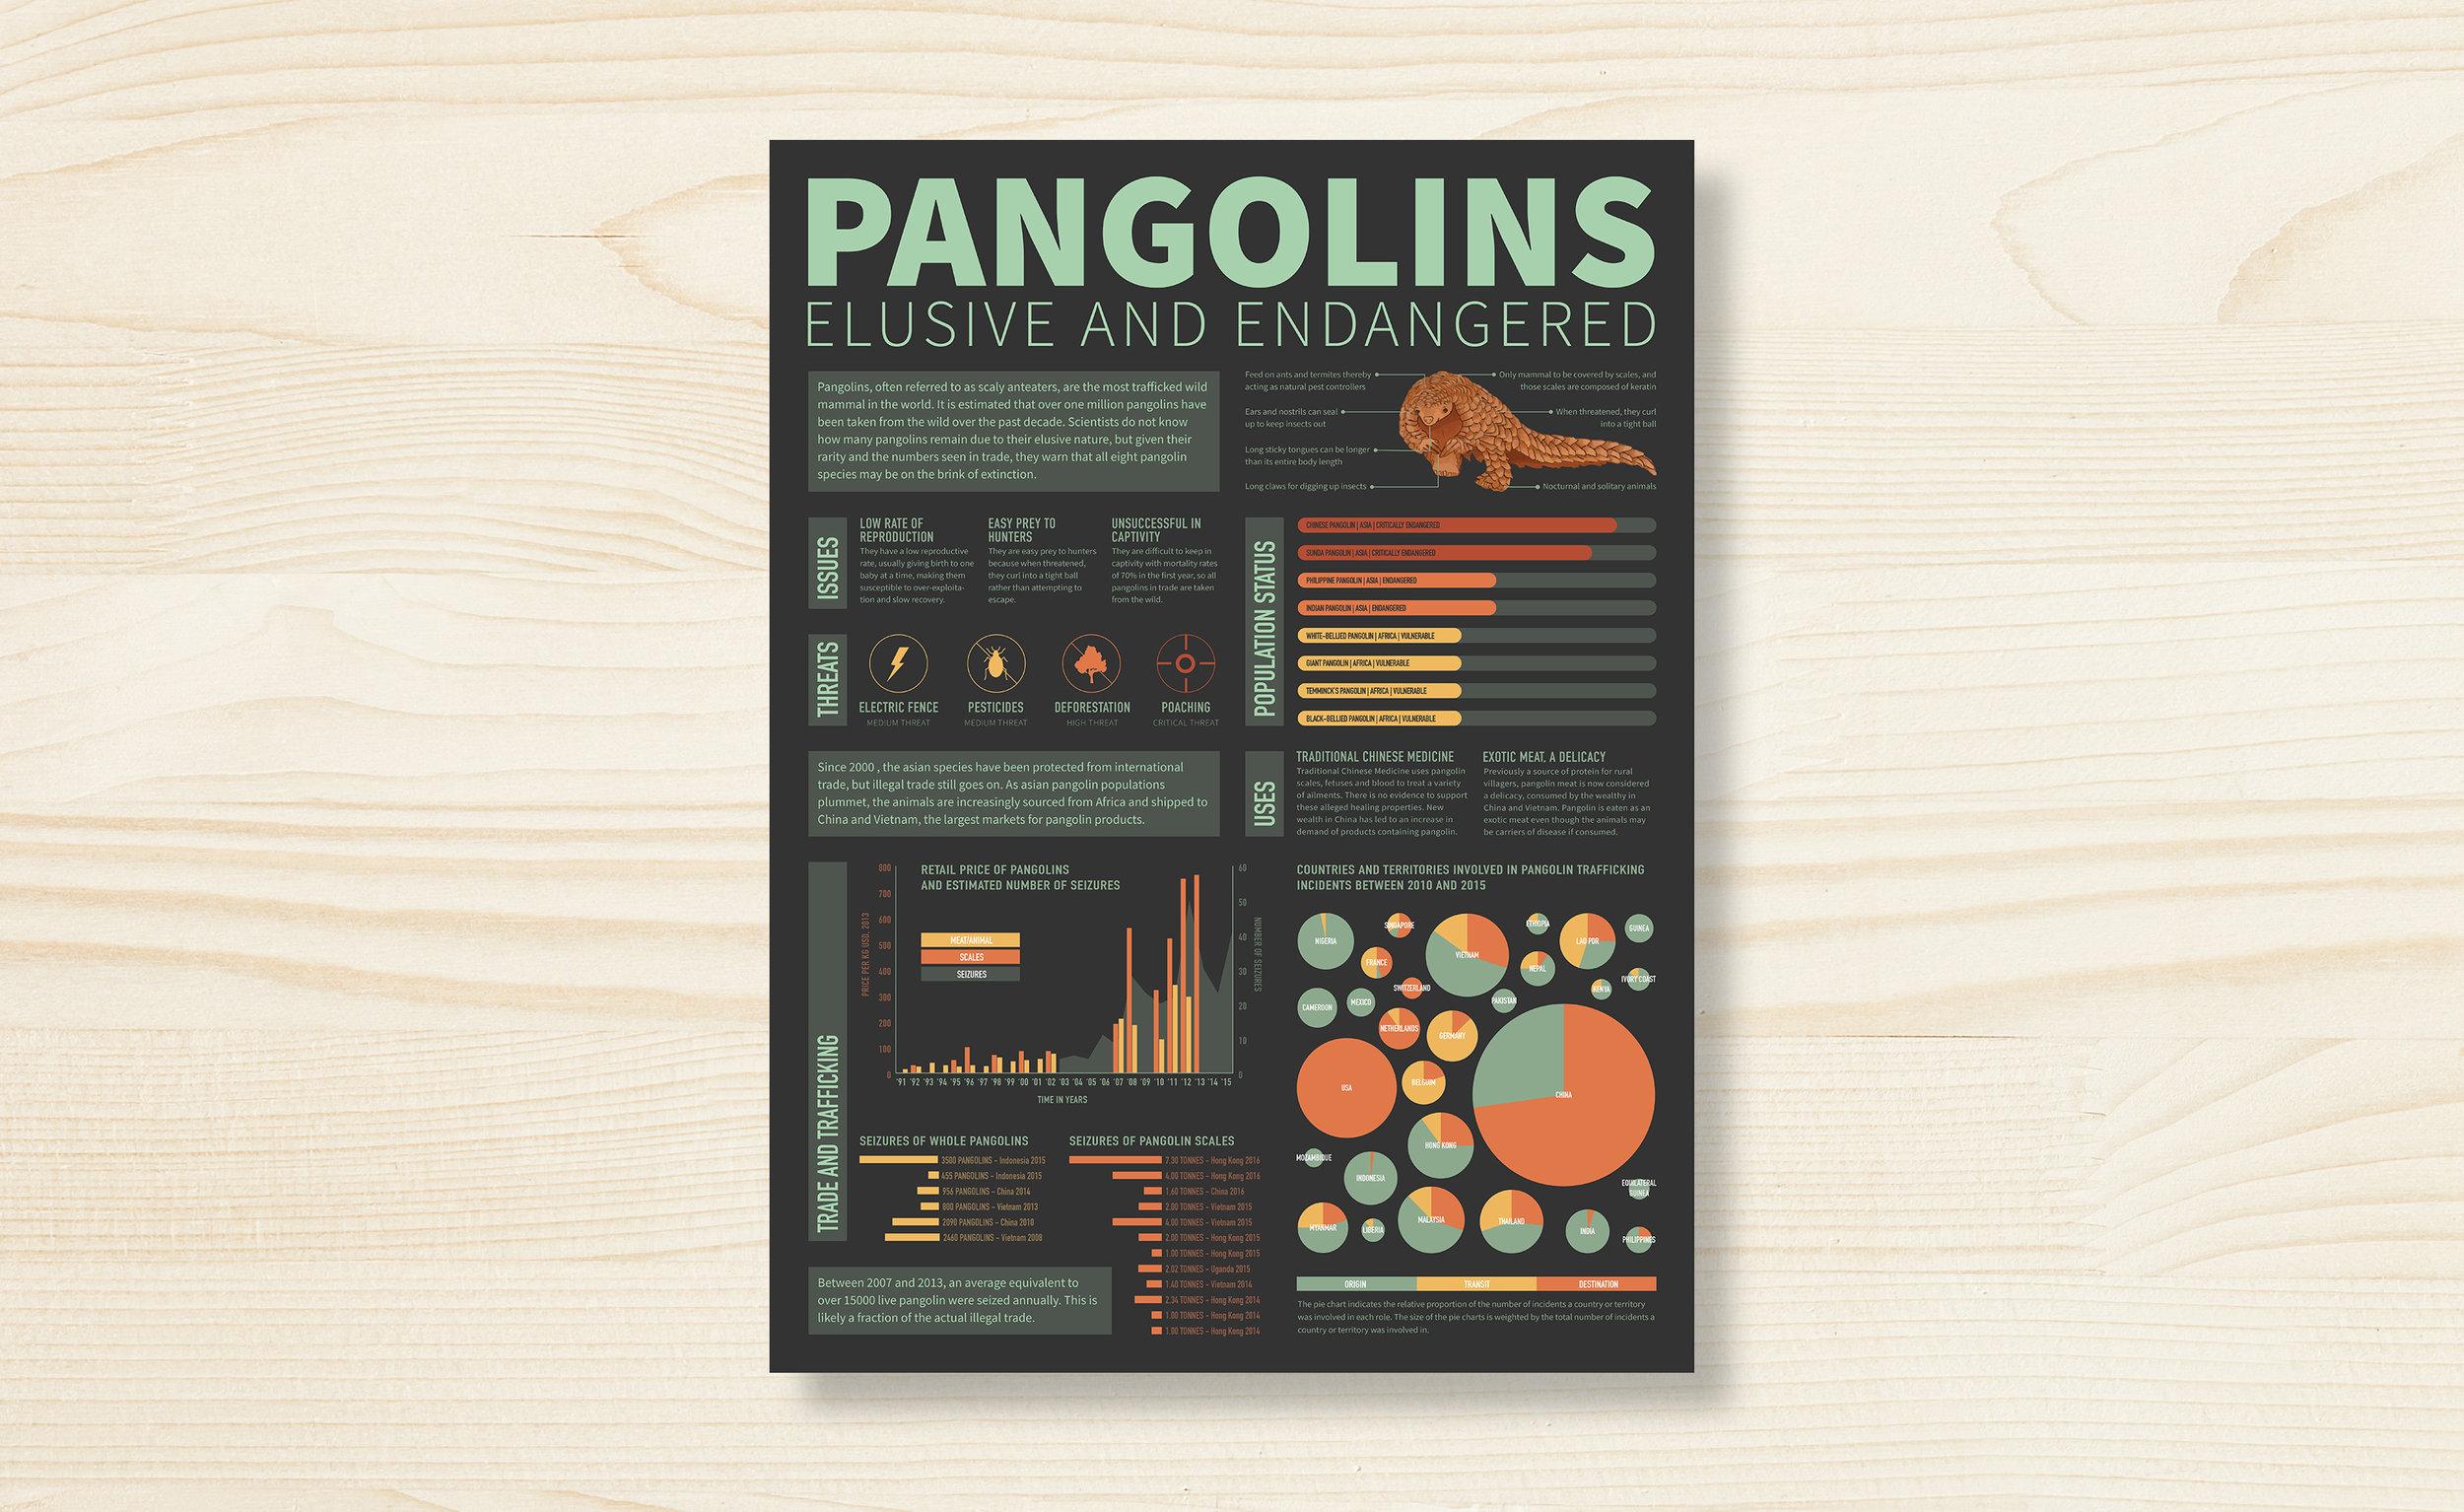 pangolins_home2.jpg